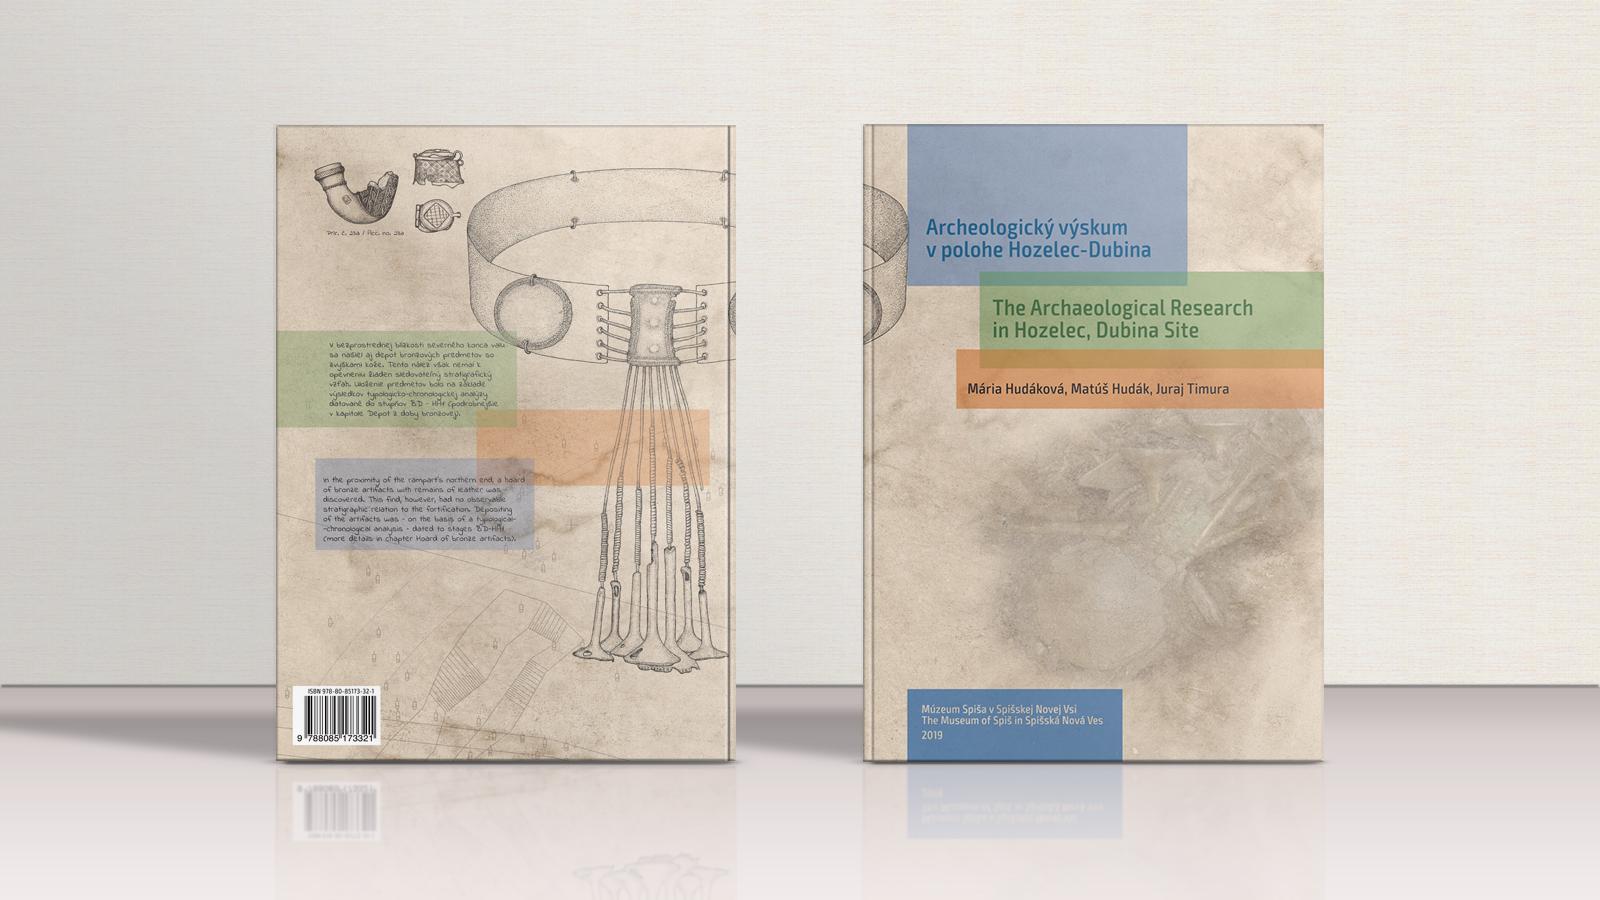 Obálka knihy Archeologický výskum v polohe Hozelec-Dubina